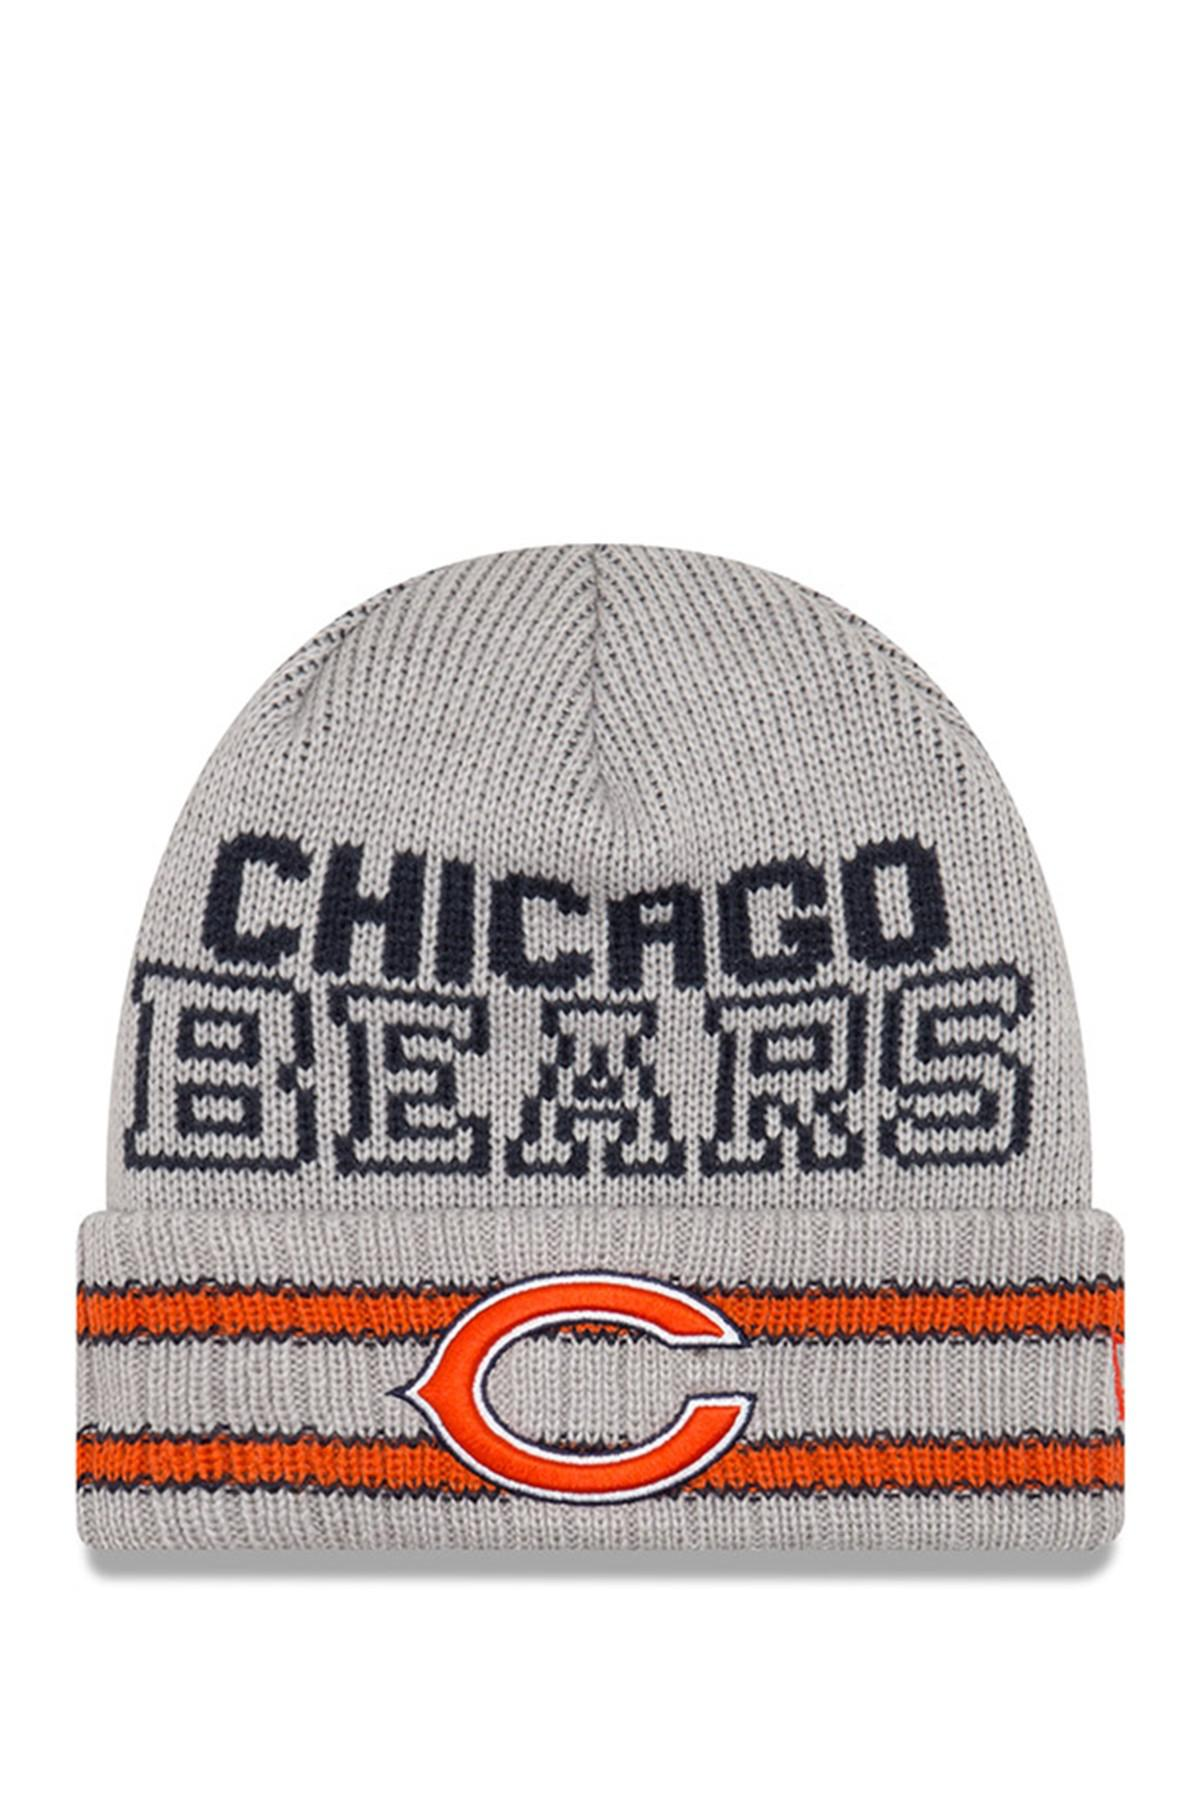 b9a1bab91b1 Lyst - KTZ Nfl Chicago Bears Crisp   Cozy Beanie in Gray for Men